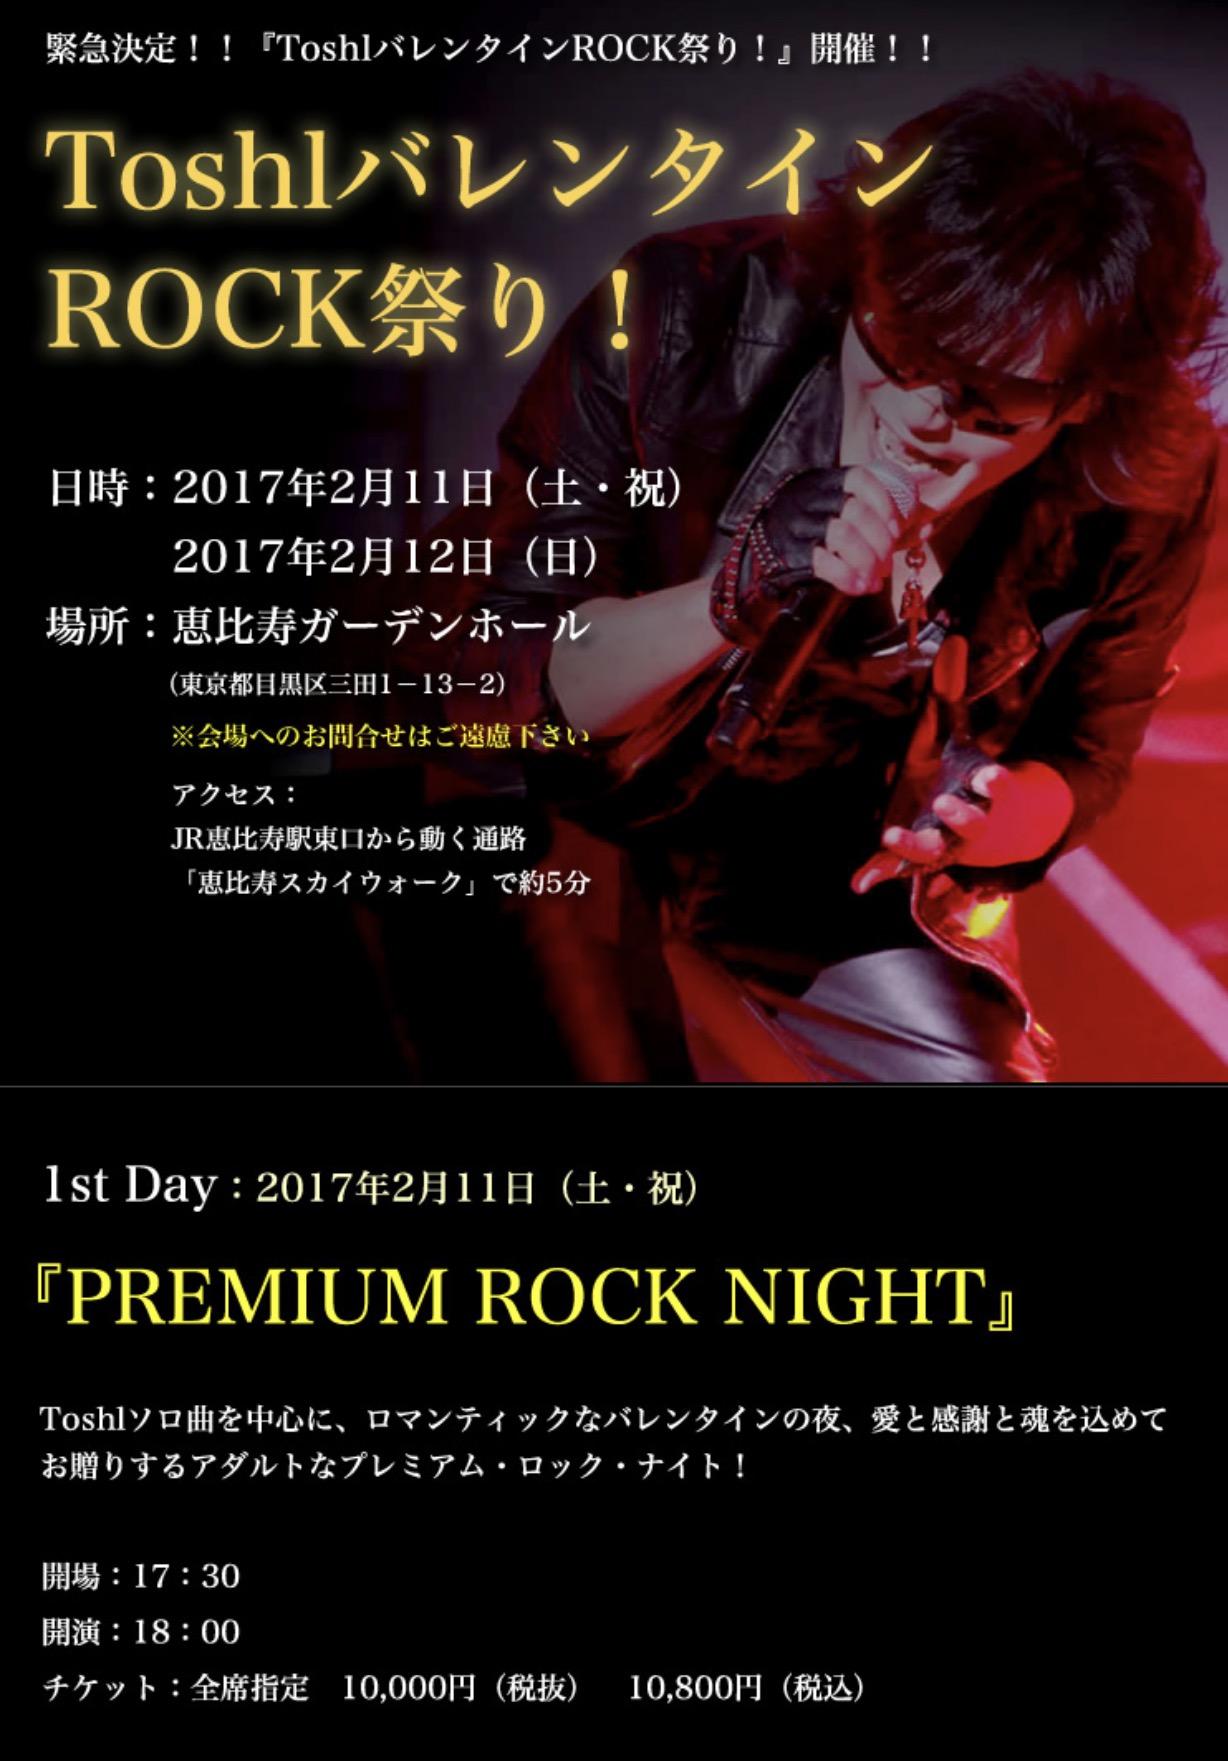 2017年2月11日(土) Toshl(X JAPAN)バレンタインROCK祭り!1st Day『PREMIUM ROCK NIGHT』キーボード出演